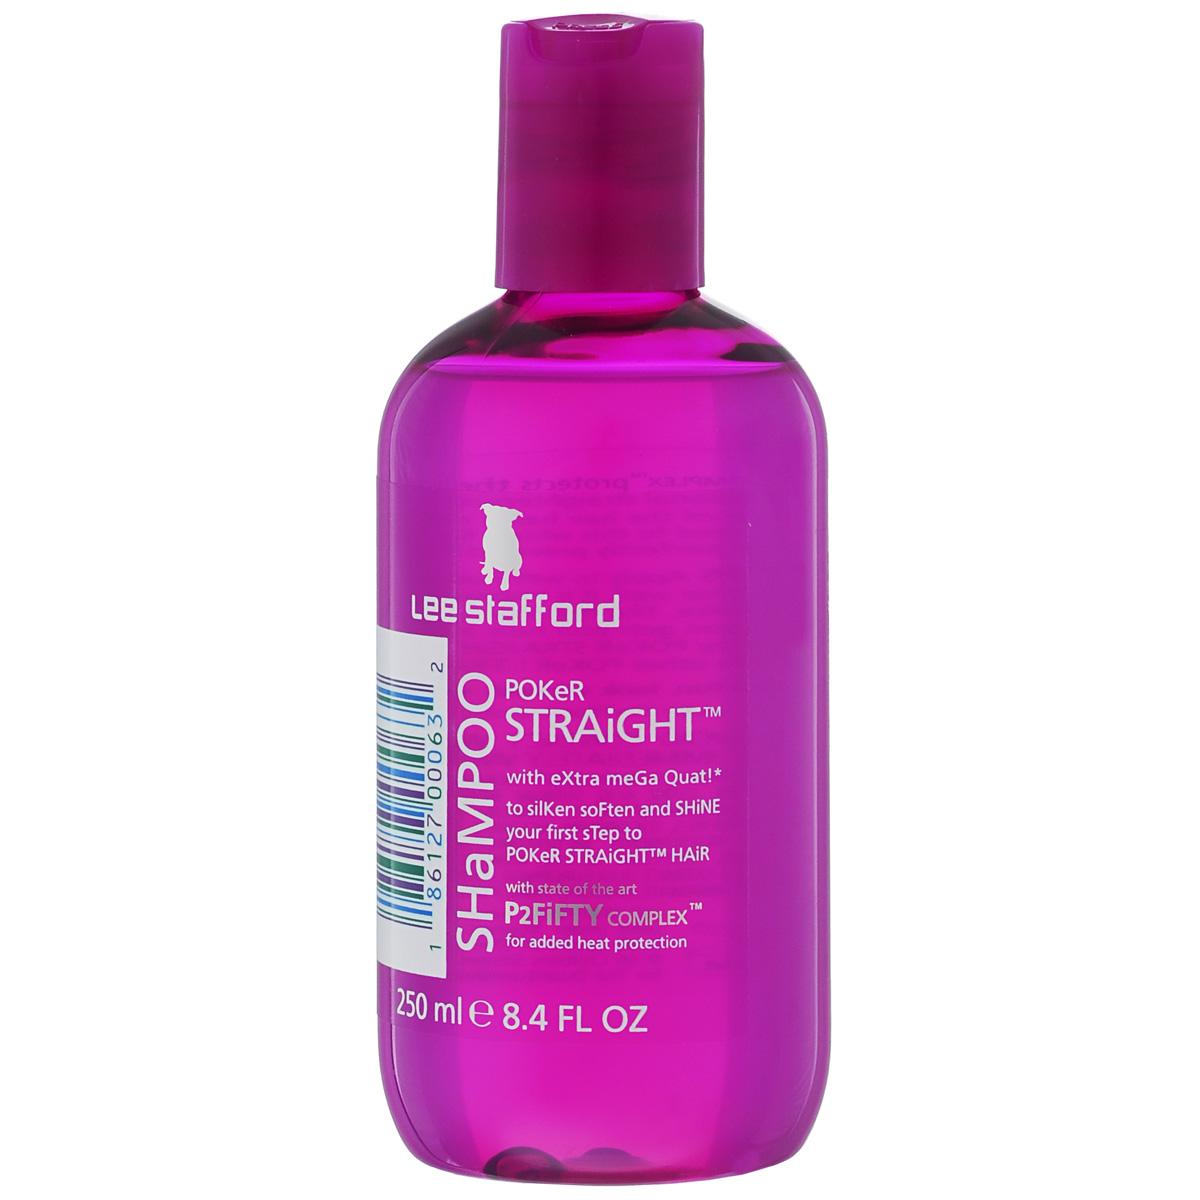 Lee Stafford Шампунь для выпрямления волос Poker Straight, 250 млSCHJ102Шампунь для выпрямления волос Poker Straight Shampoo, 75 мл. Содержит уникальный компонент Quat, который, попадая на волосы, смягчает и выпрямляет их. Придает ощущение шелковистости и облегчает расчесывание.